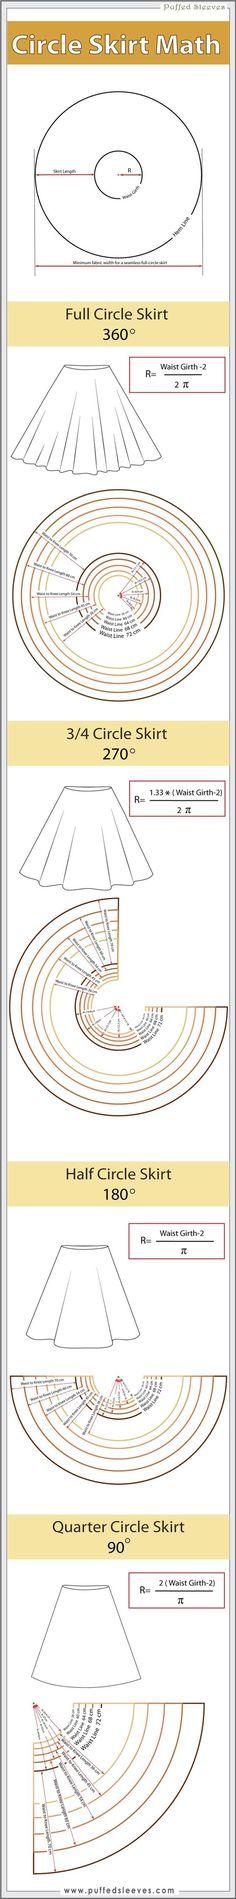 Circle skirt pattern                                                                                                                                                      More: